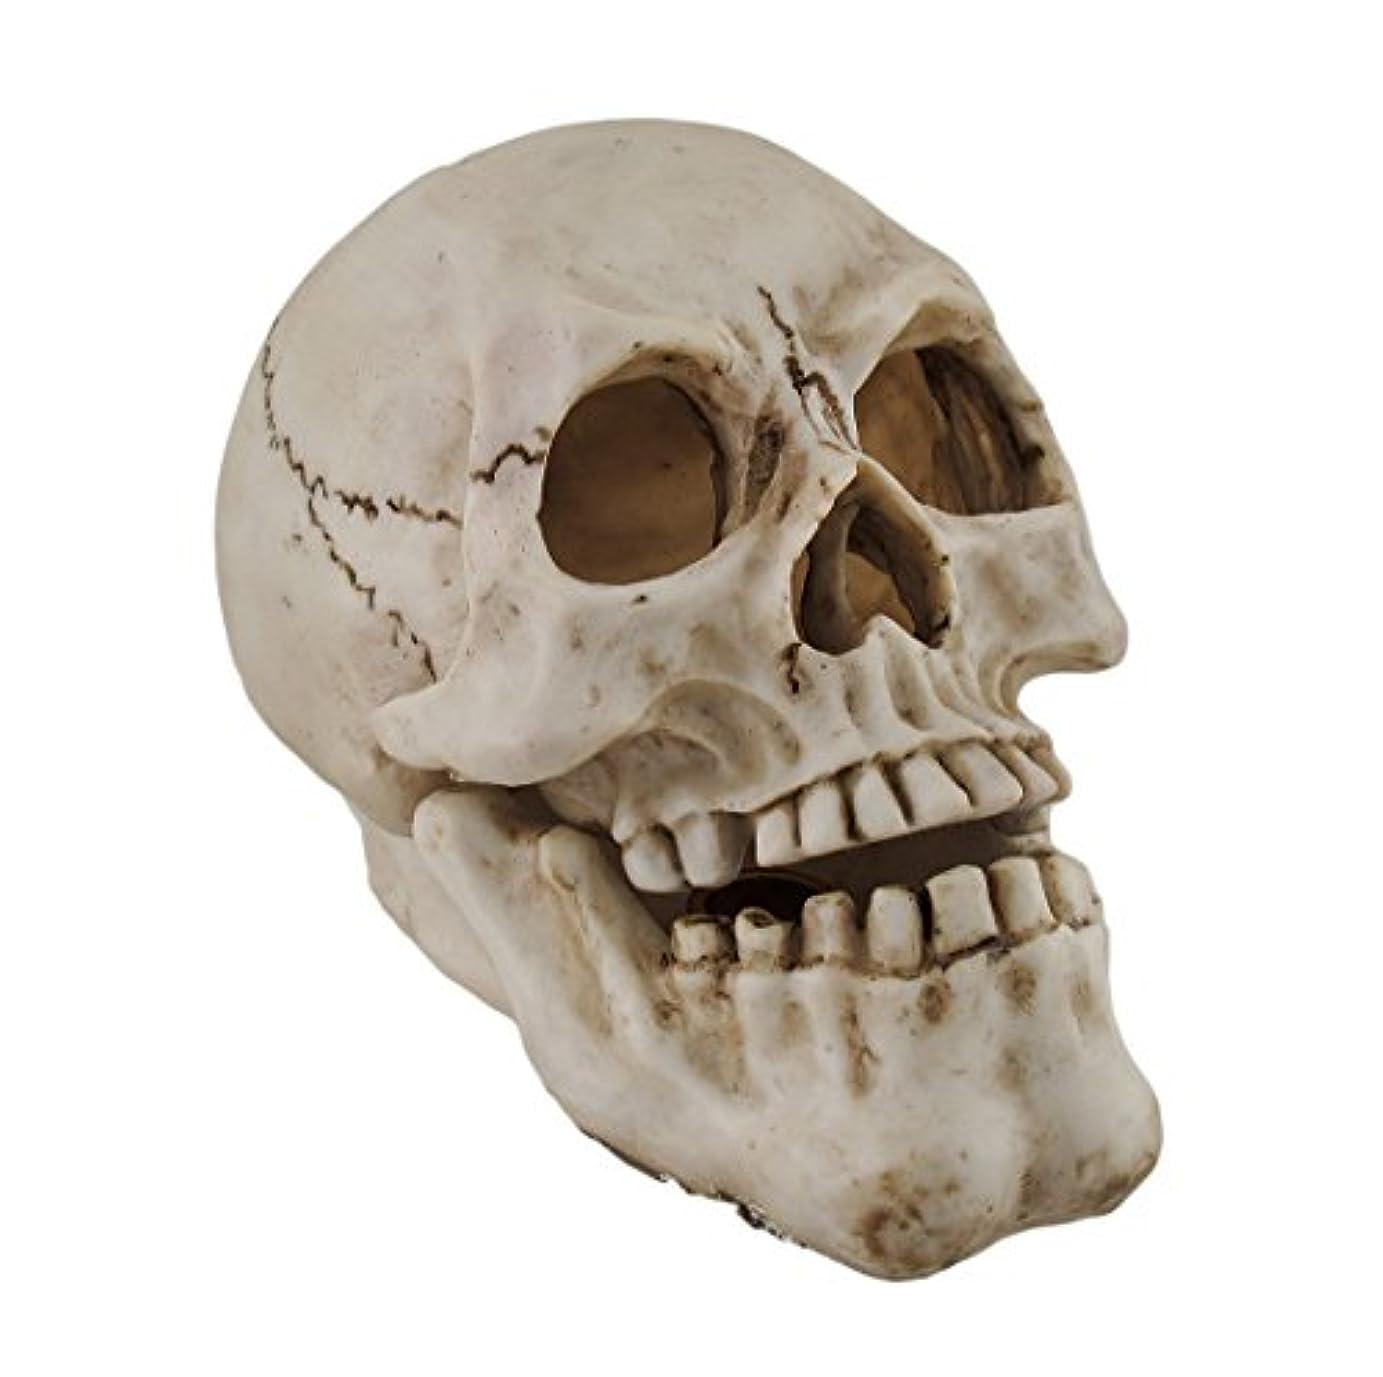 九時四十五分仮定パトロール樹脂IncenseホルダーHuman Skull Shaped Incense Burnerボックス7.75 X 5.75 X 4.5インチホワイトモデル# pwh-63